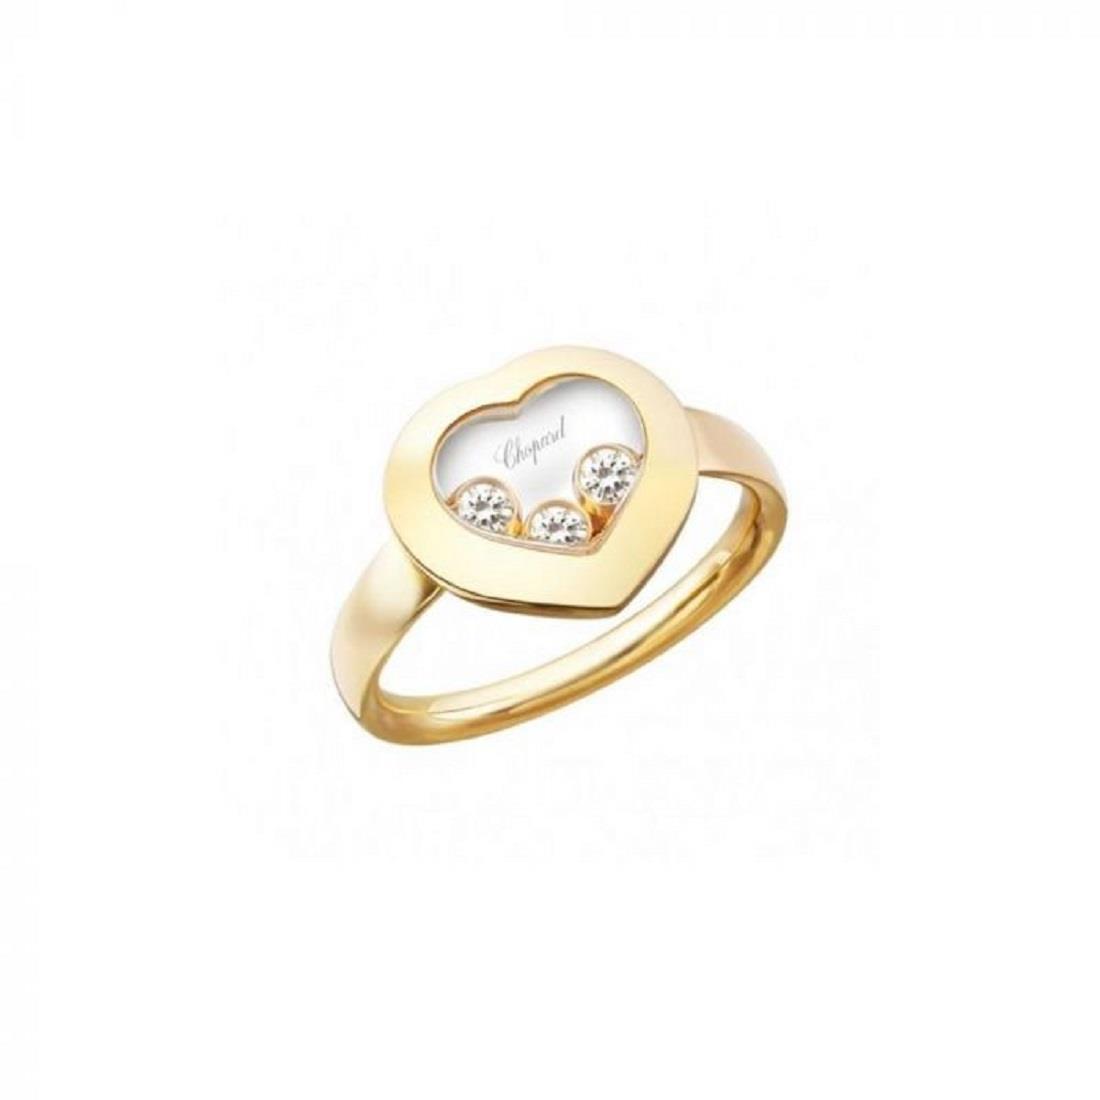 Anello con diamanti - CHOPARD